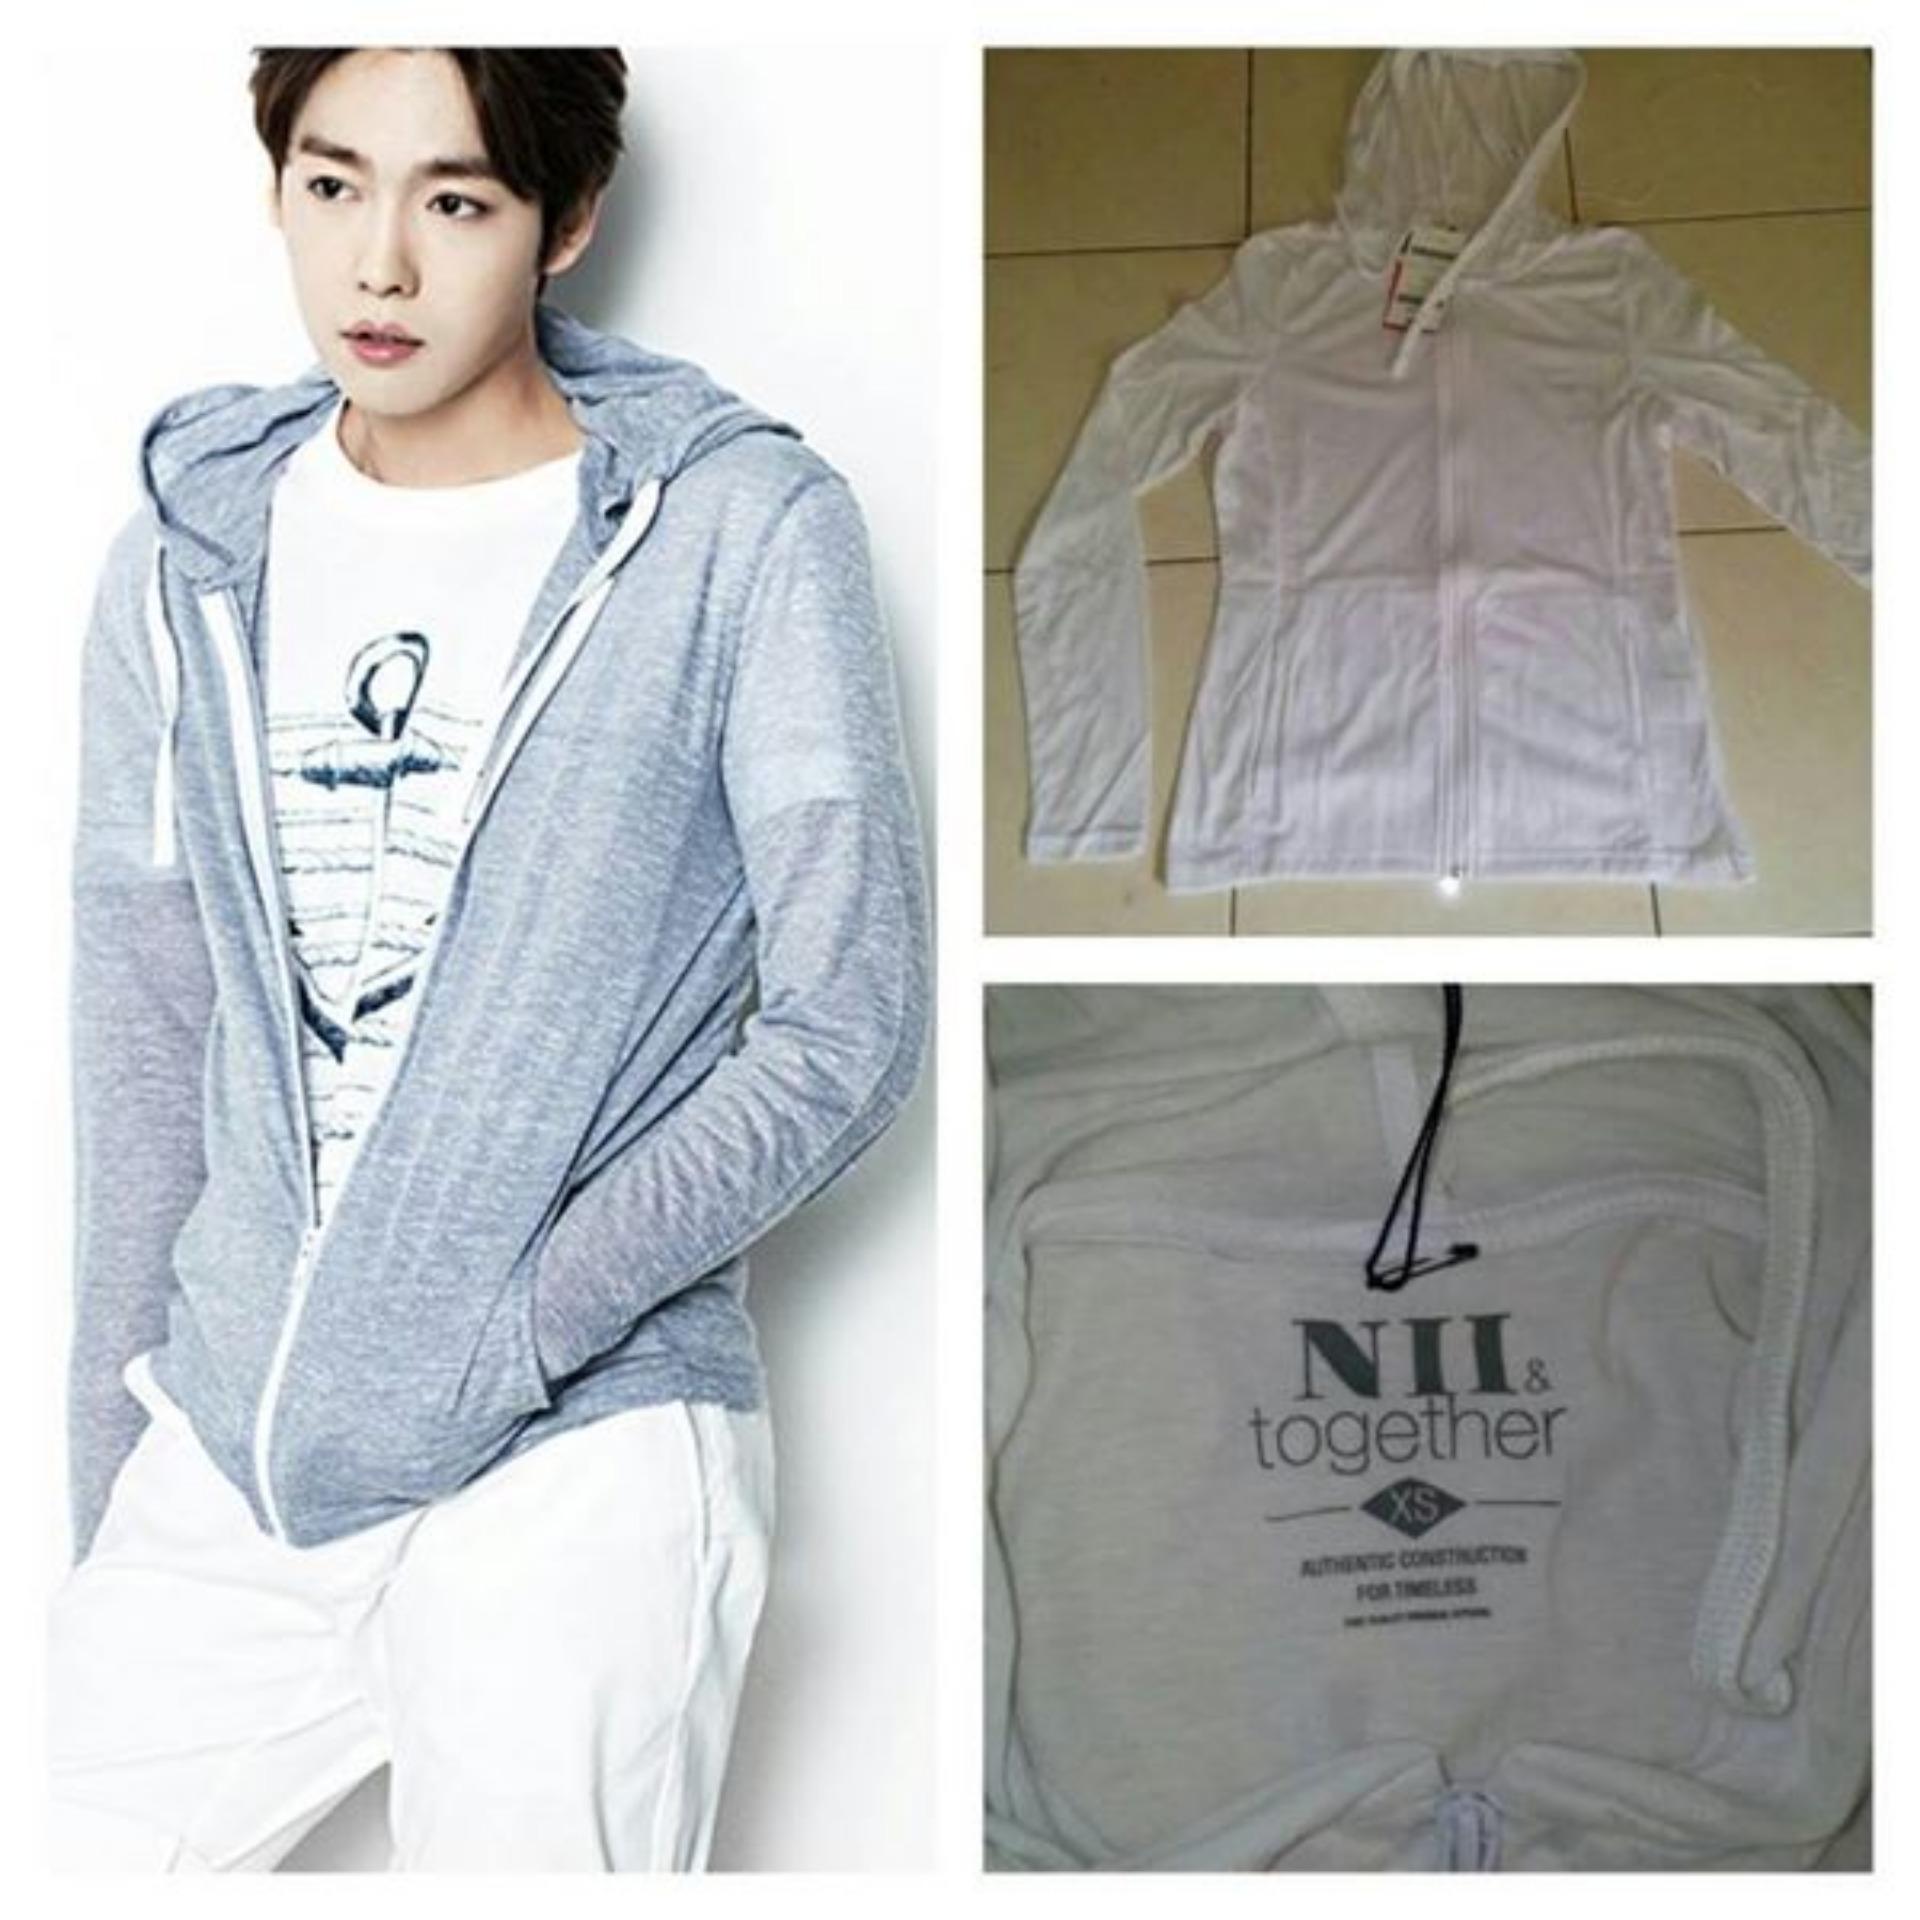 Beli Lf Jaket Polos Lengan Panjang Korea Jaket Hoodie Jaket Hodie Unisex Jaket Wanita Pria Import Good Quality White Indonesia